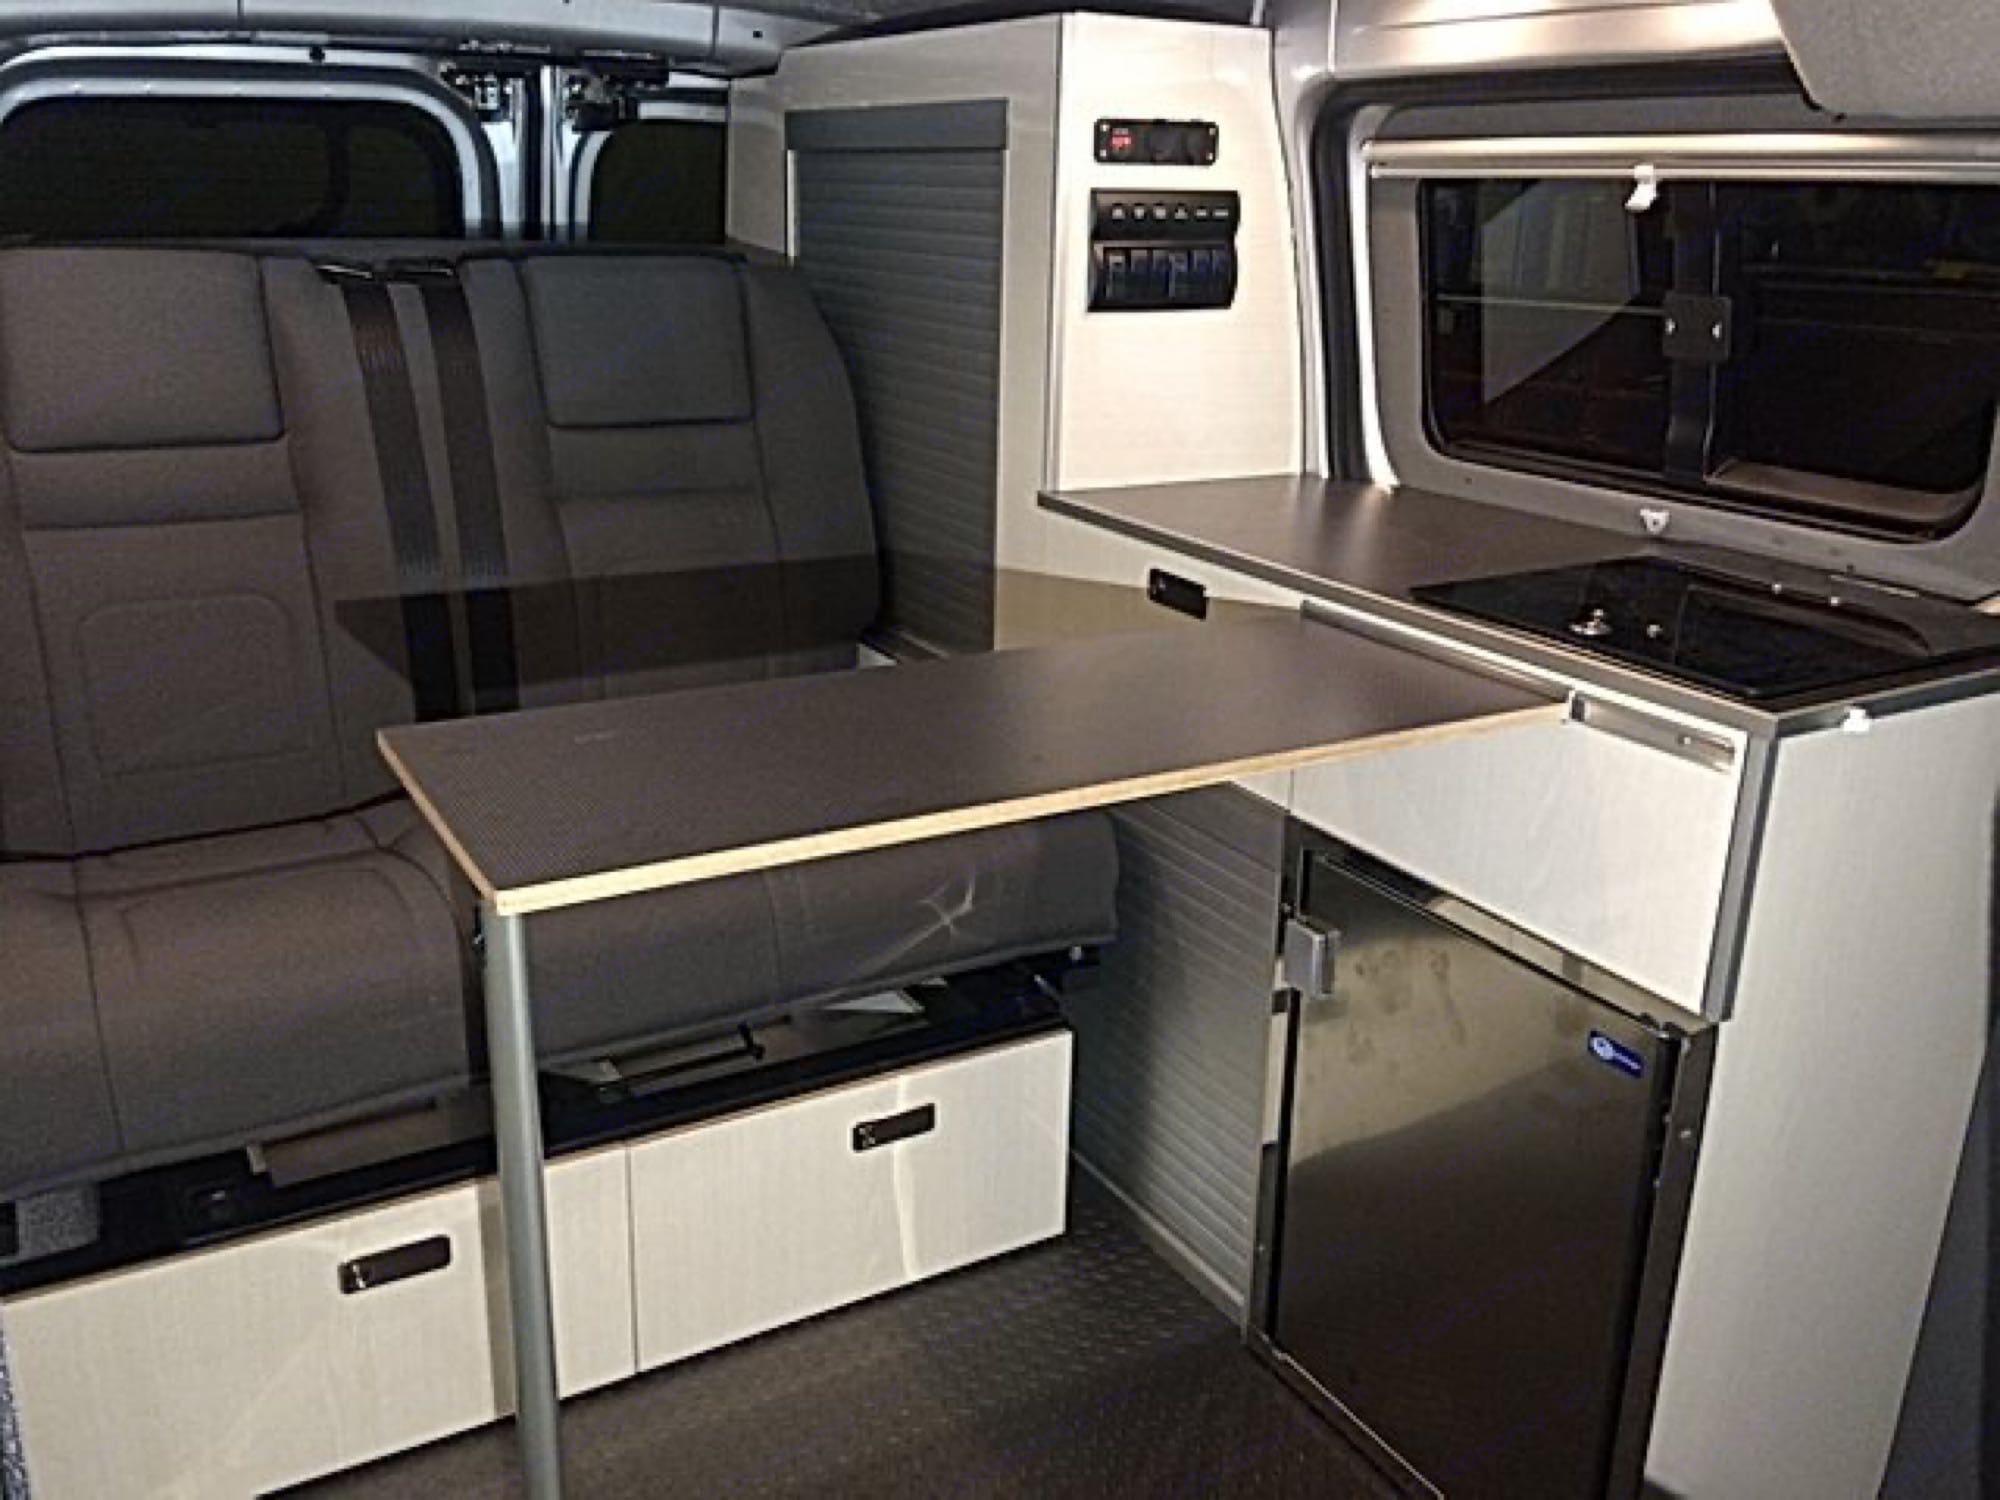 Nissan Recon Camper Envy 2019